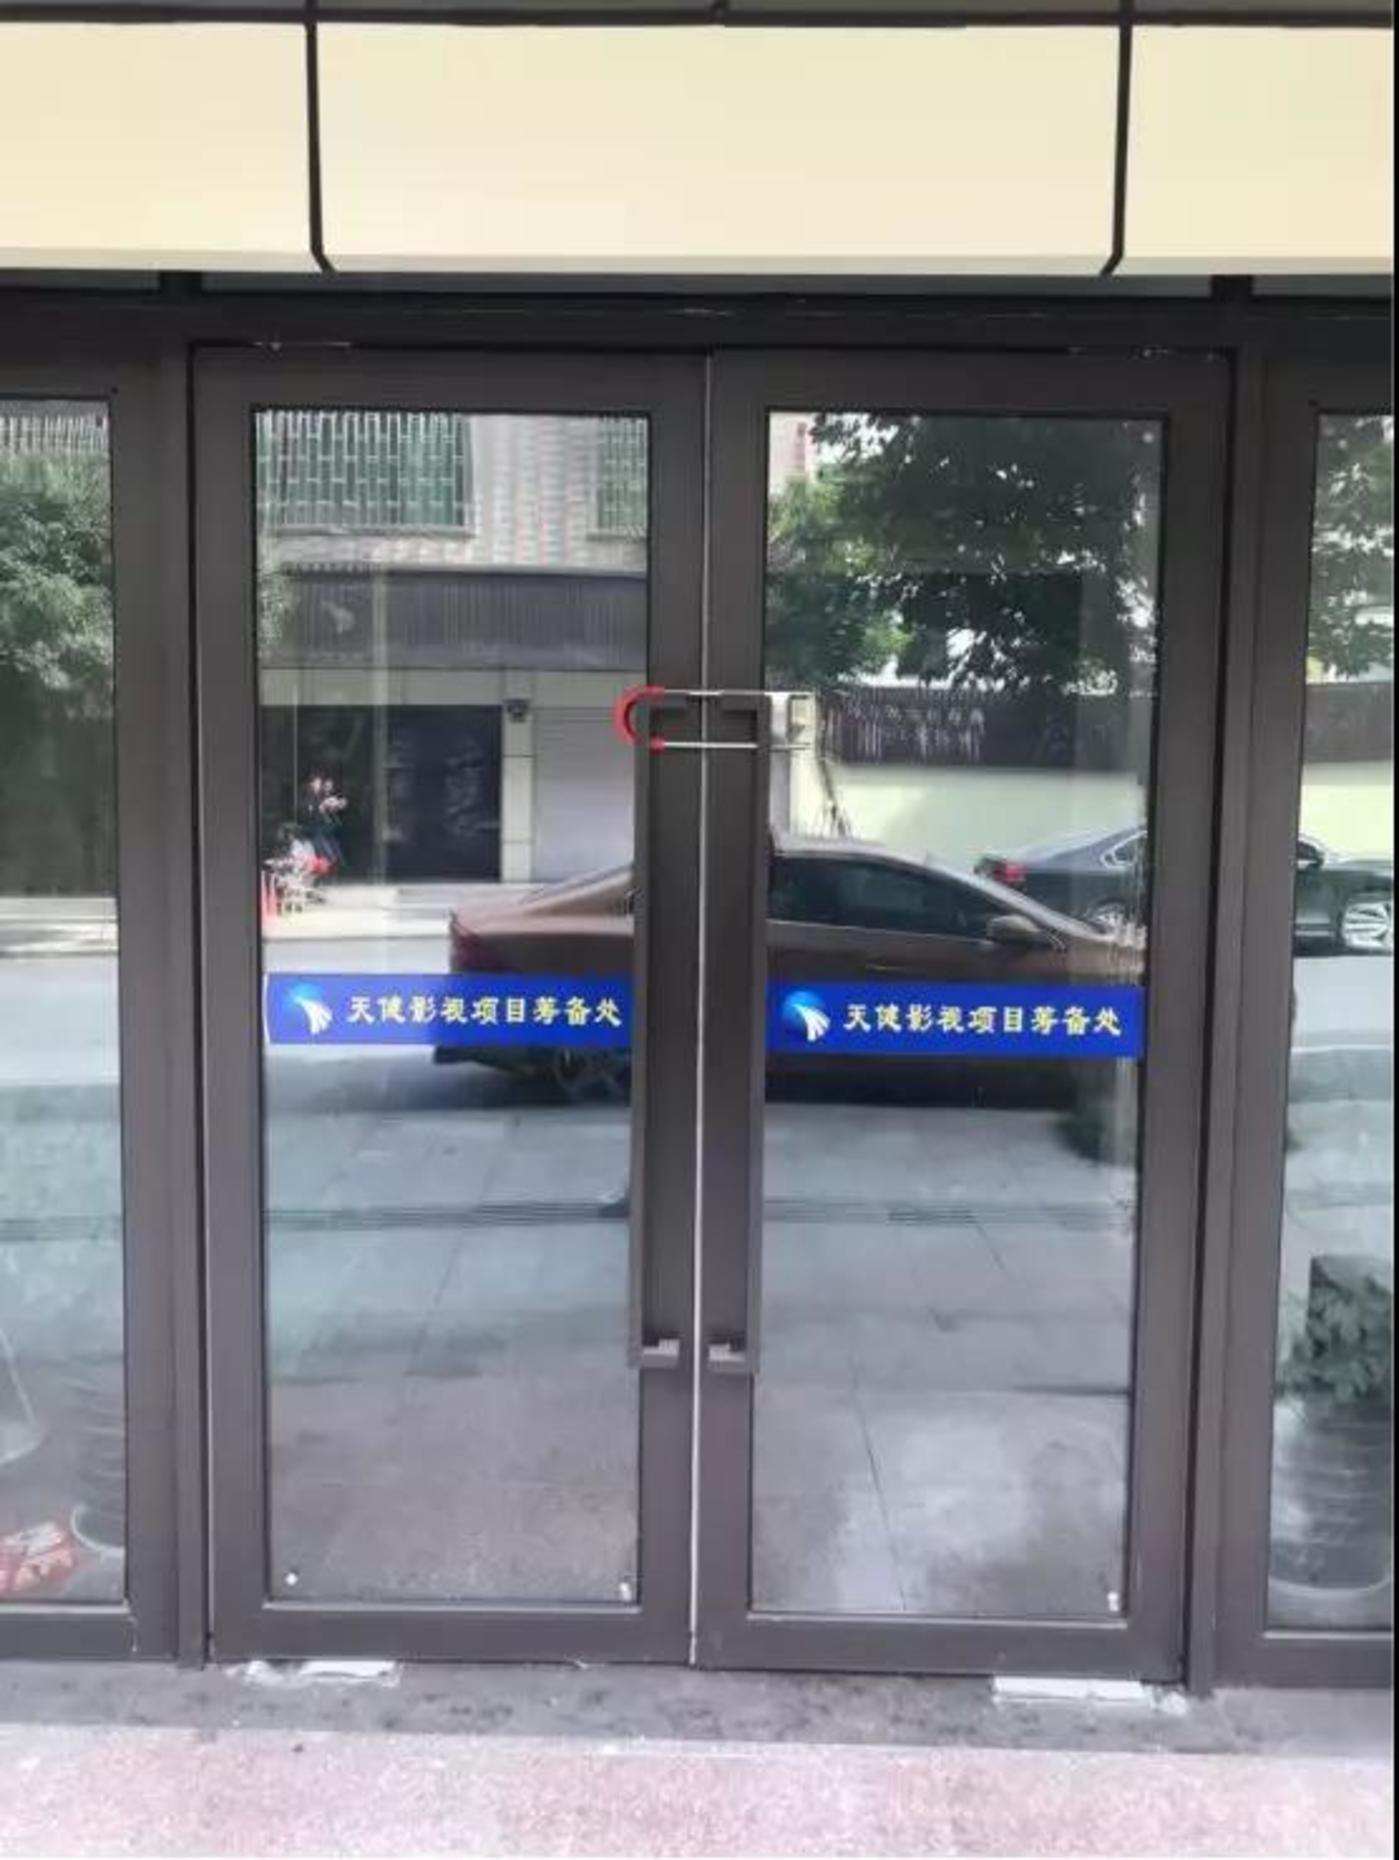 横店街头大门紧锁、人去楼空的影视公司